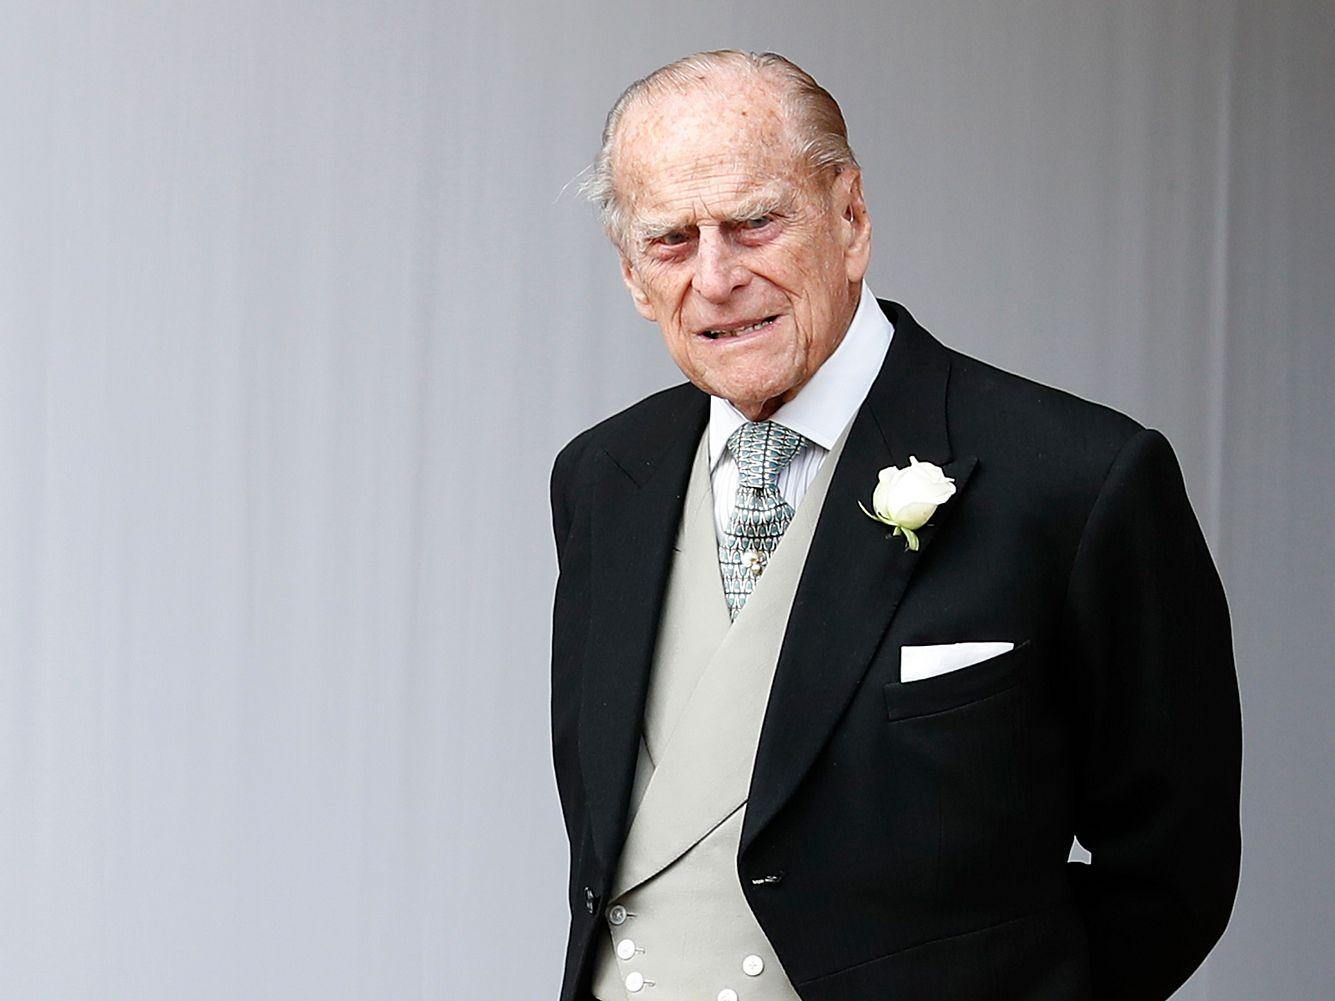 Der Herzog of Edinburgh  auf der Hochzeit seiner Enkeltochter Prinzessin Eugenie.